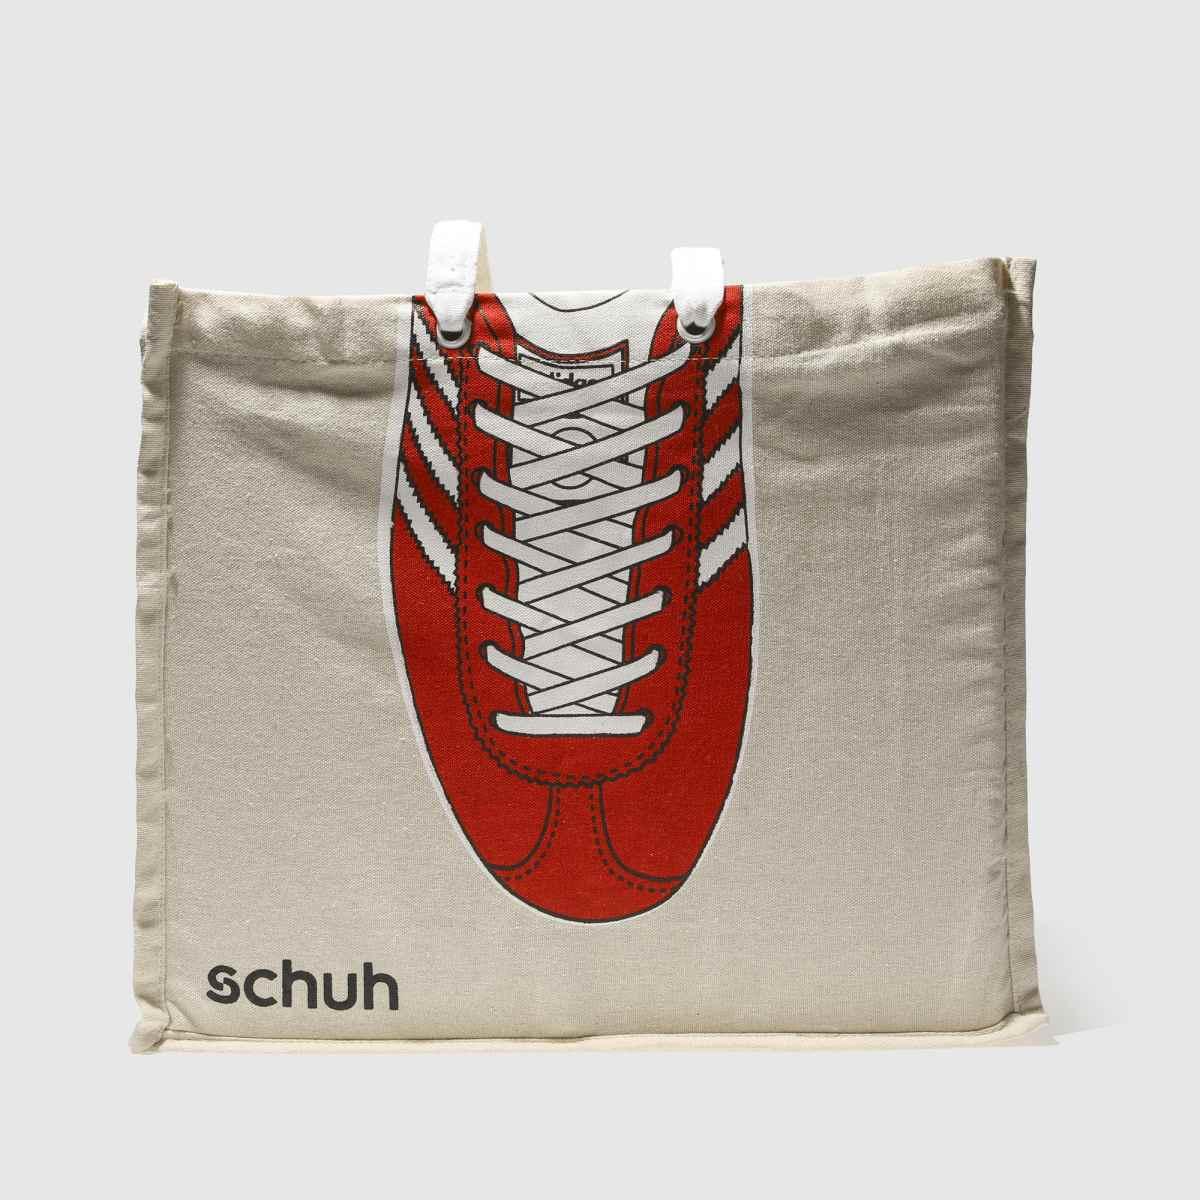 schuh Schuh Navy & Red Adidas 2 Reusable Jute